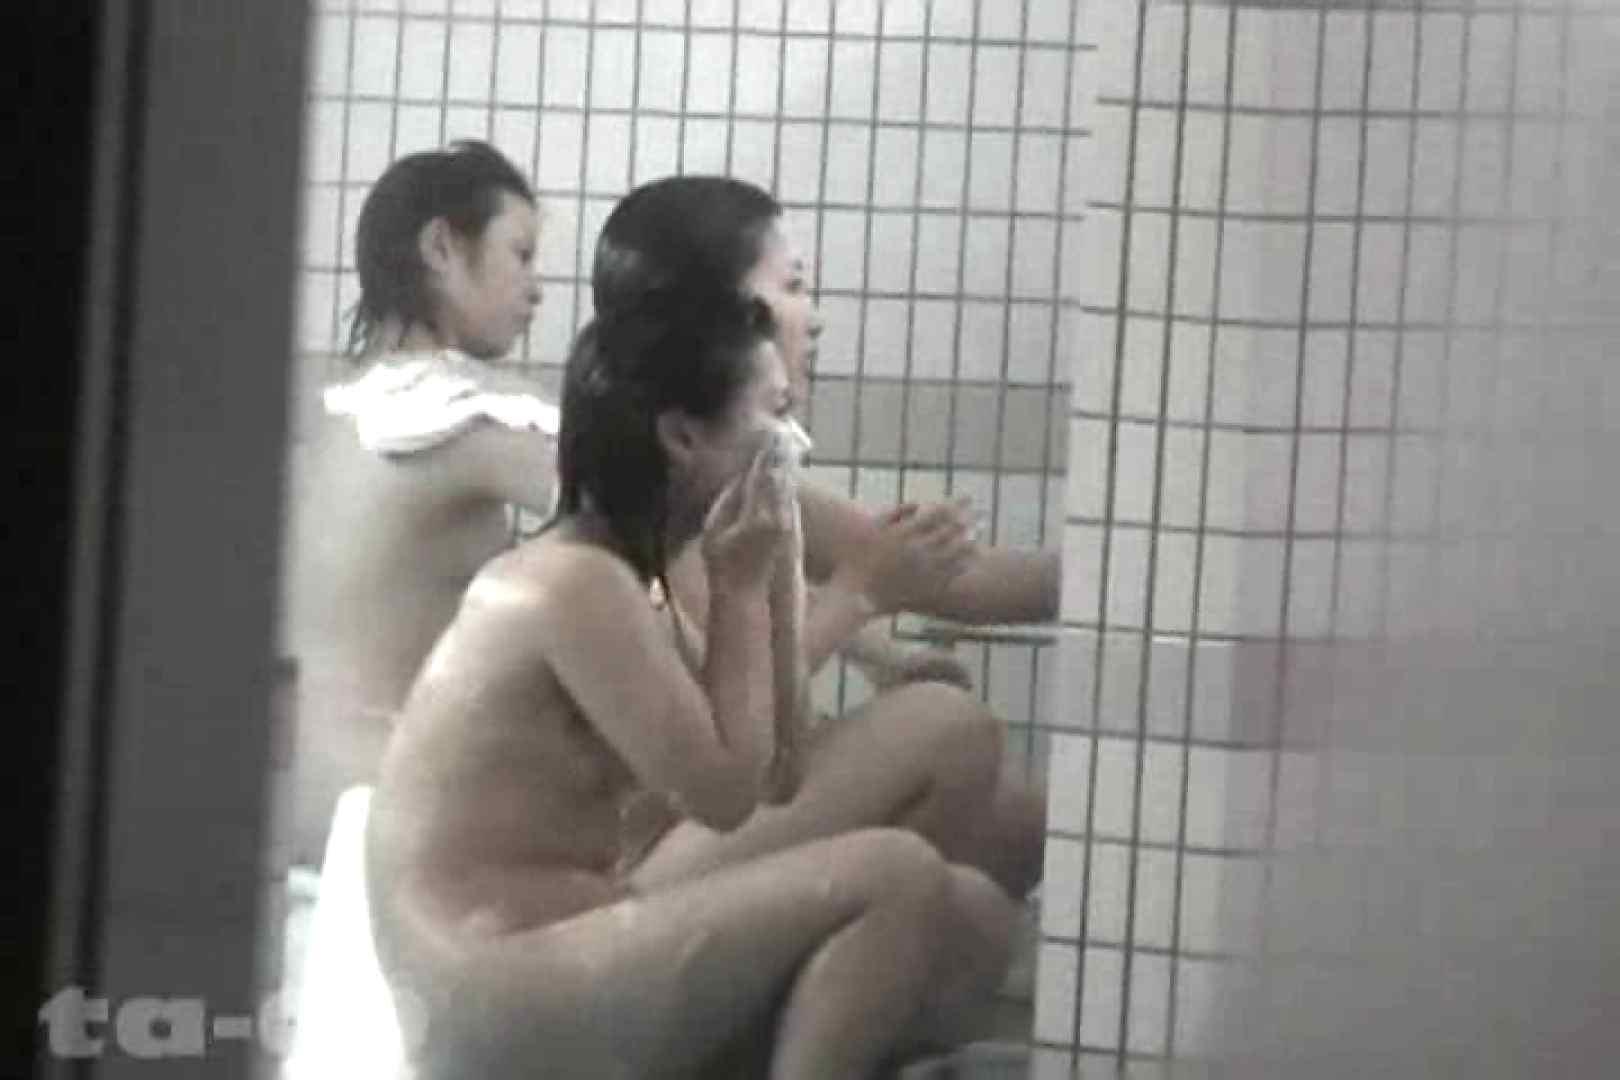 合宿ホテル女風呂盗撮高画質版 Vol.09 OL   盗撮エロすぎ  91連発 89